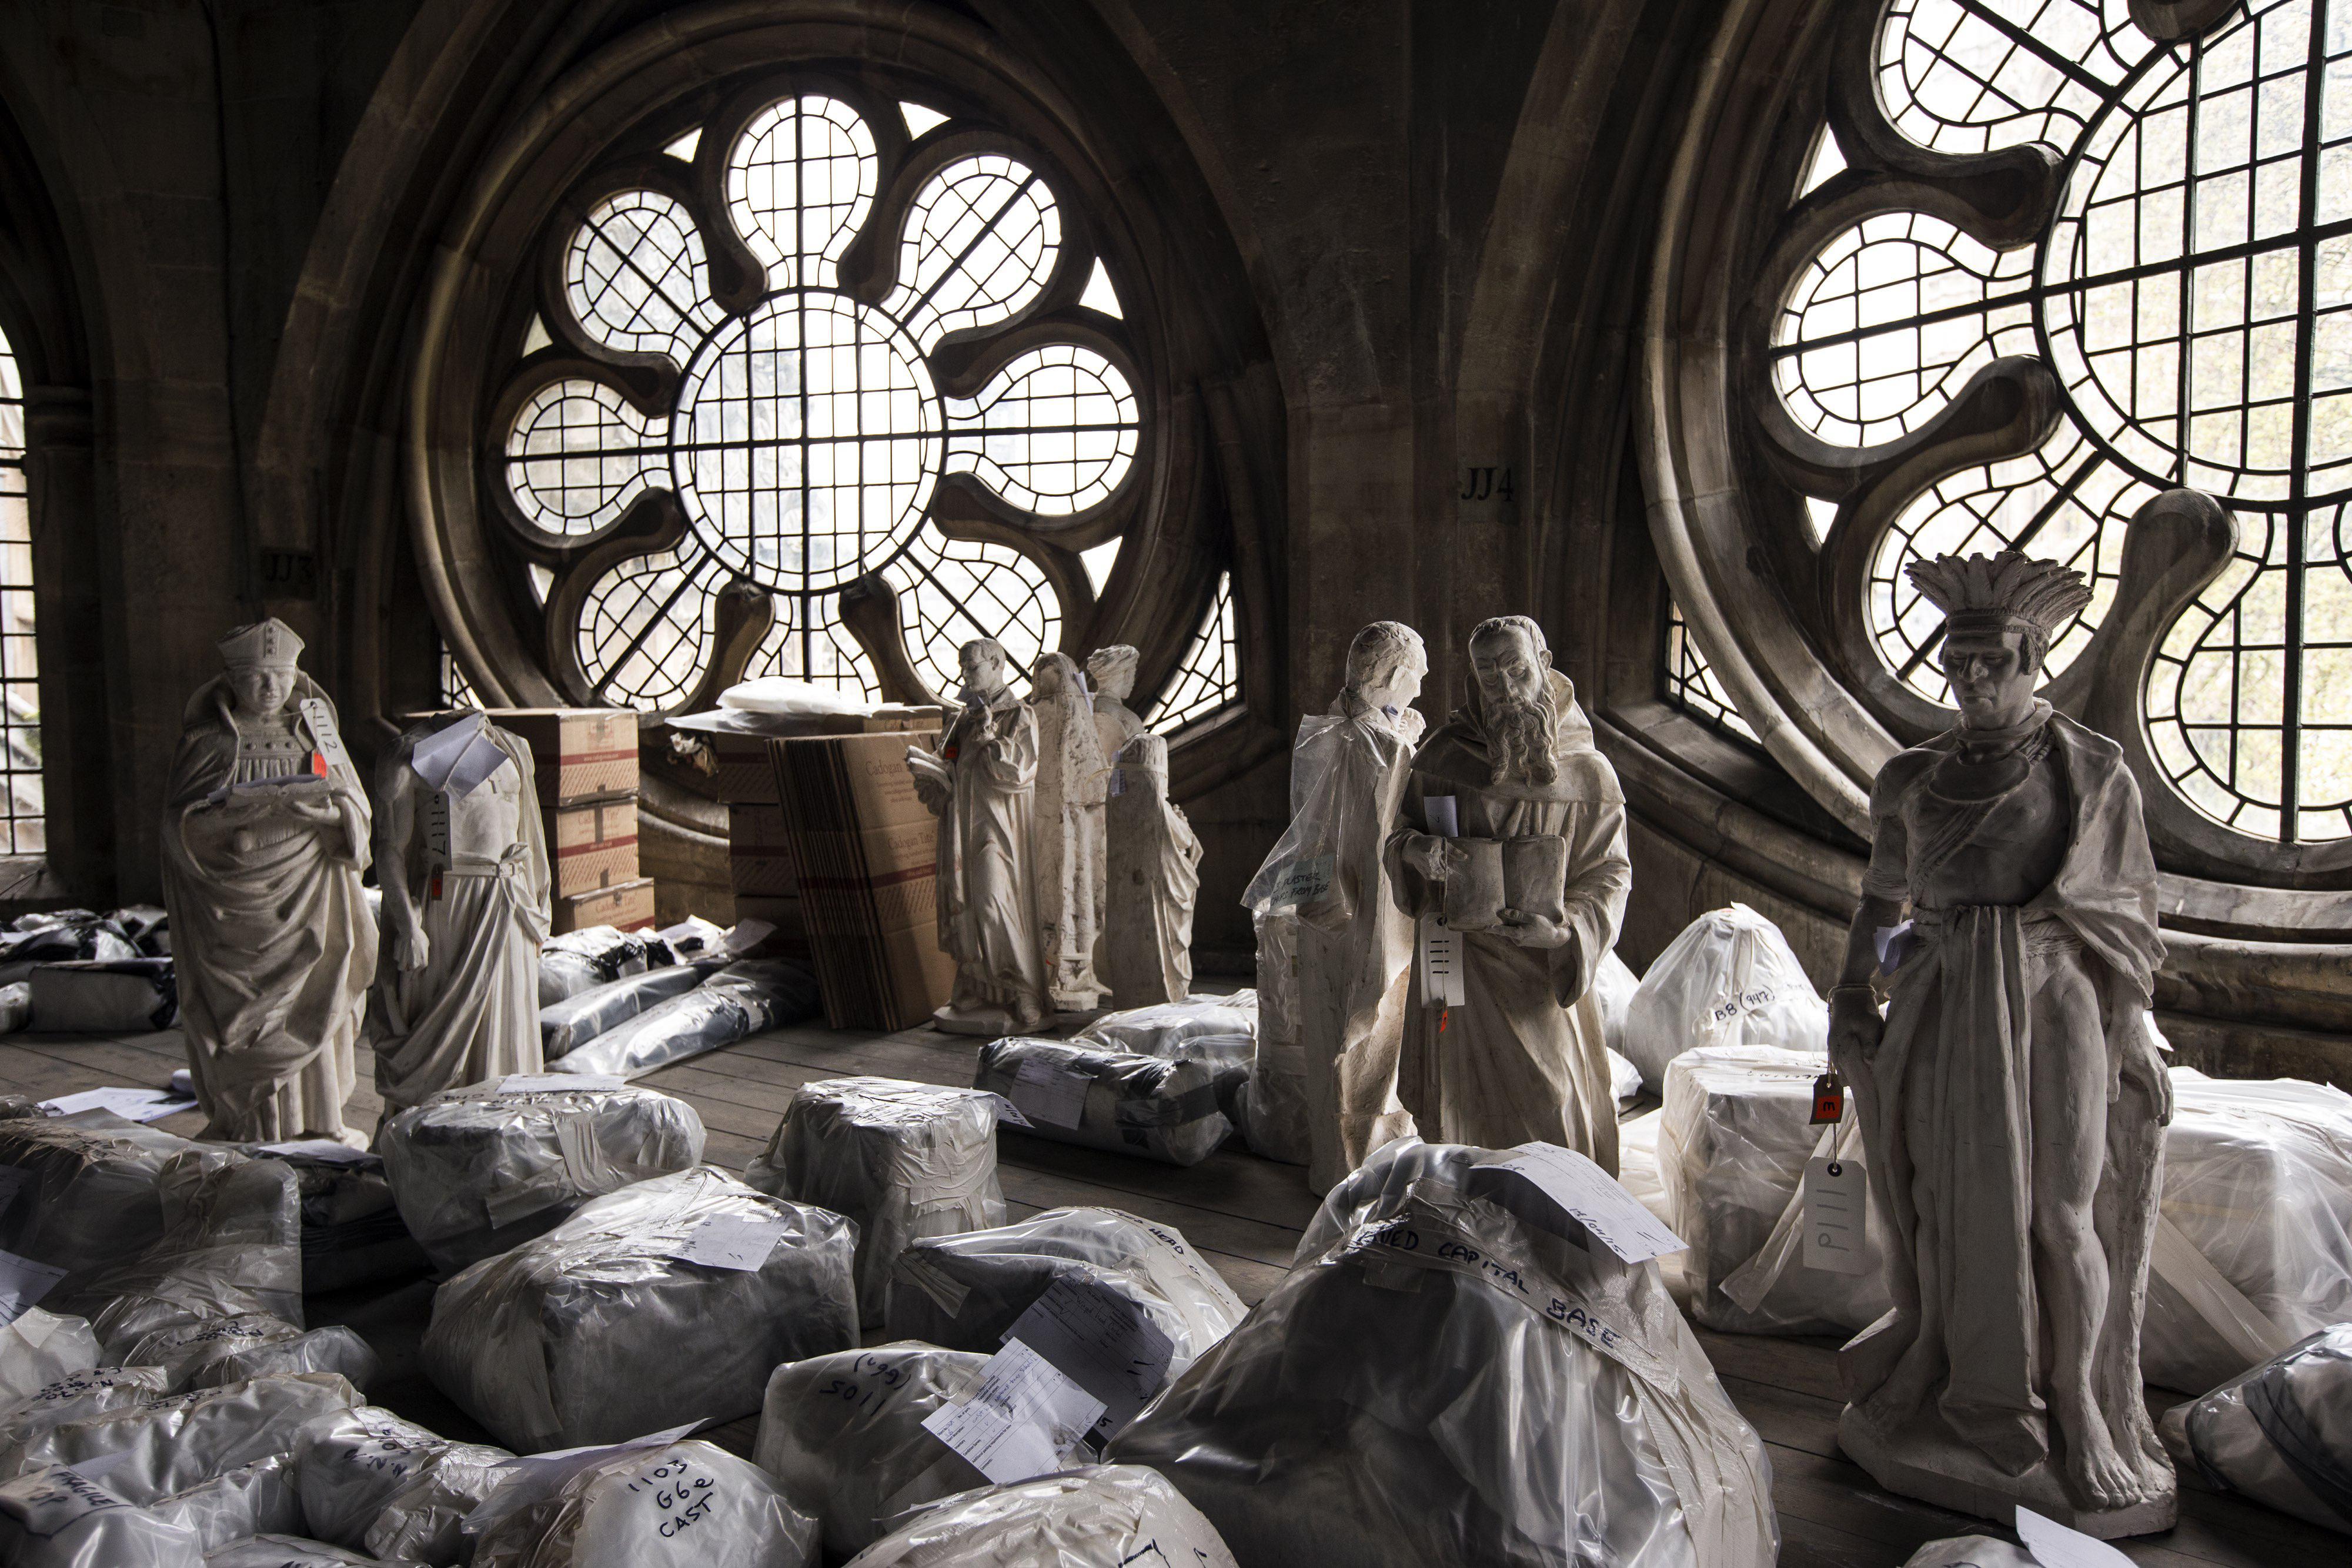 La Abadía de Westminster, en obras